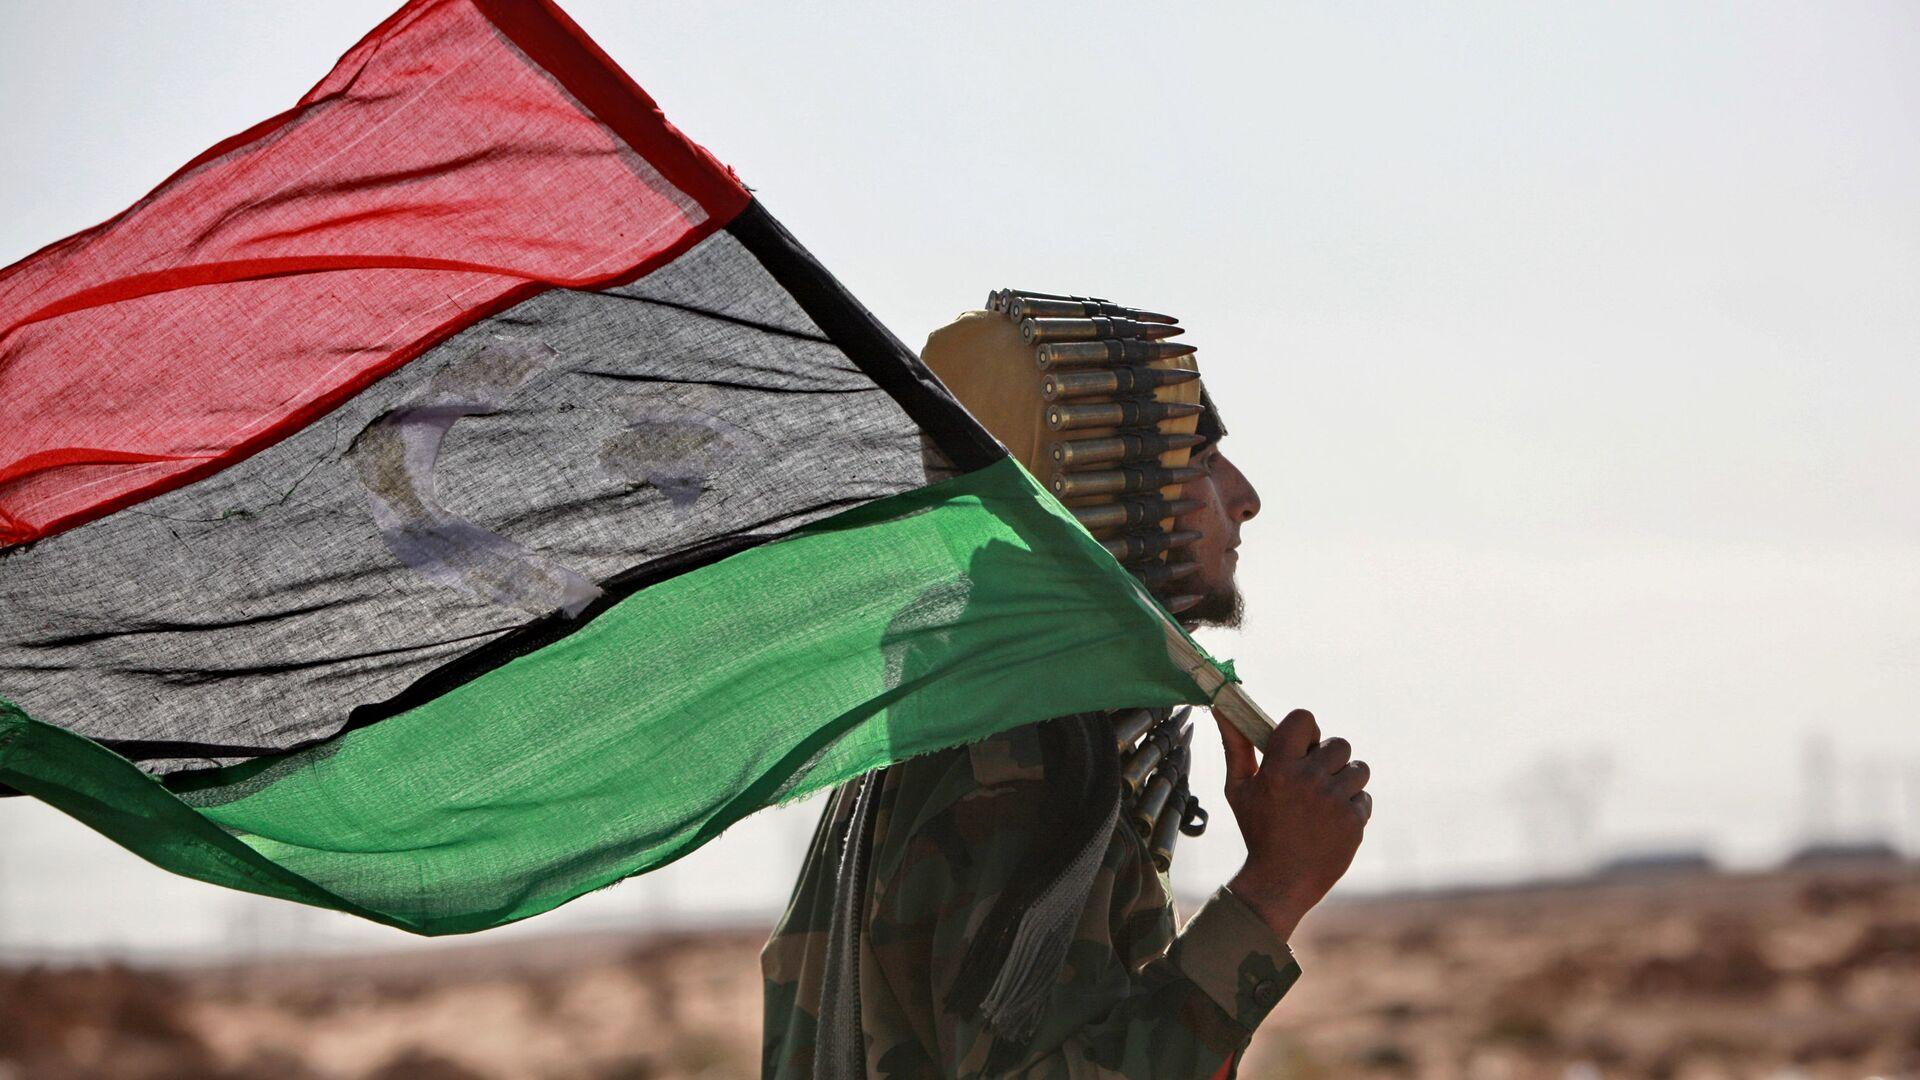 La bandera de Libia - Sputnik Mundo, 1920, 05.10.2021